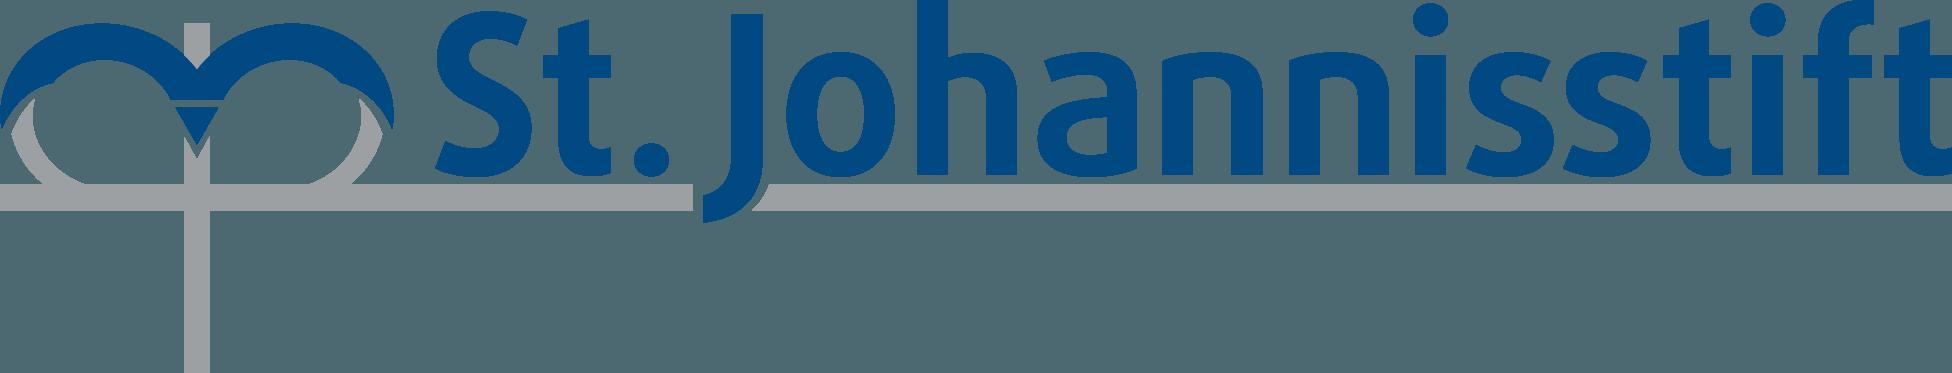 St. Johannisstift Logo transparent